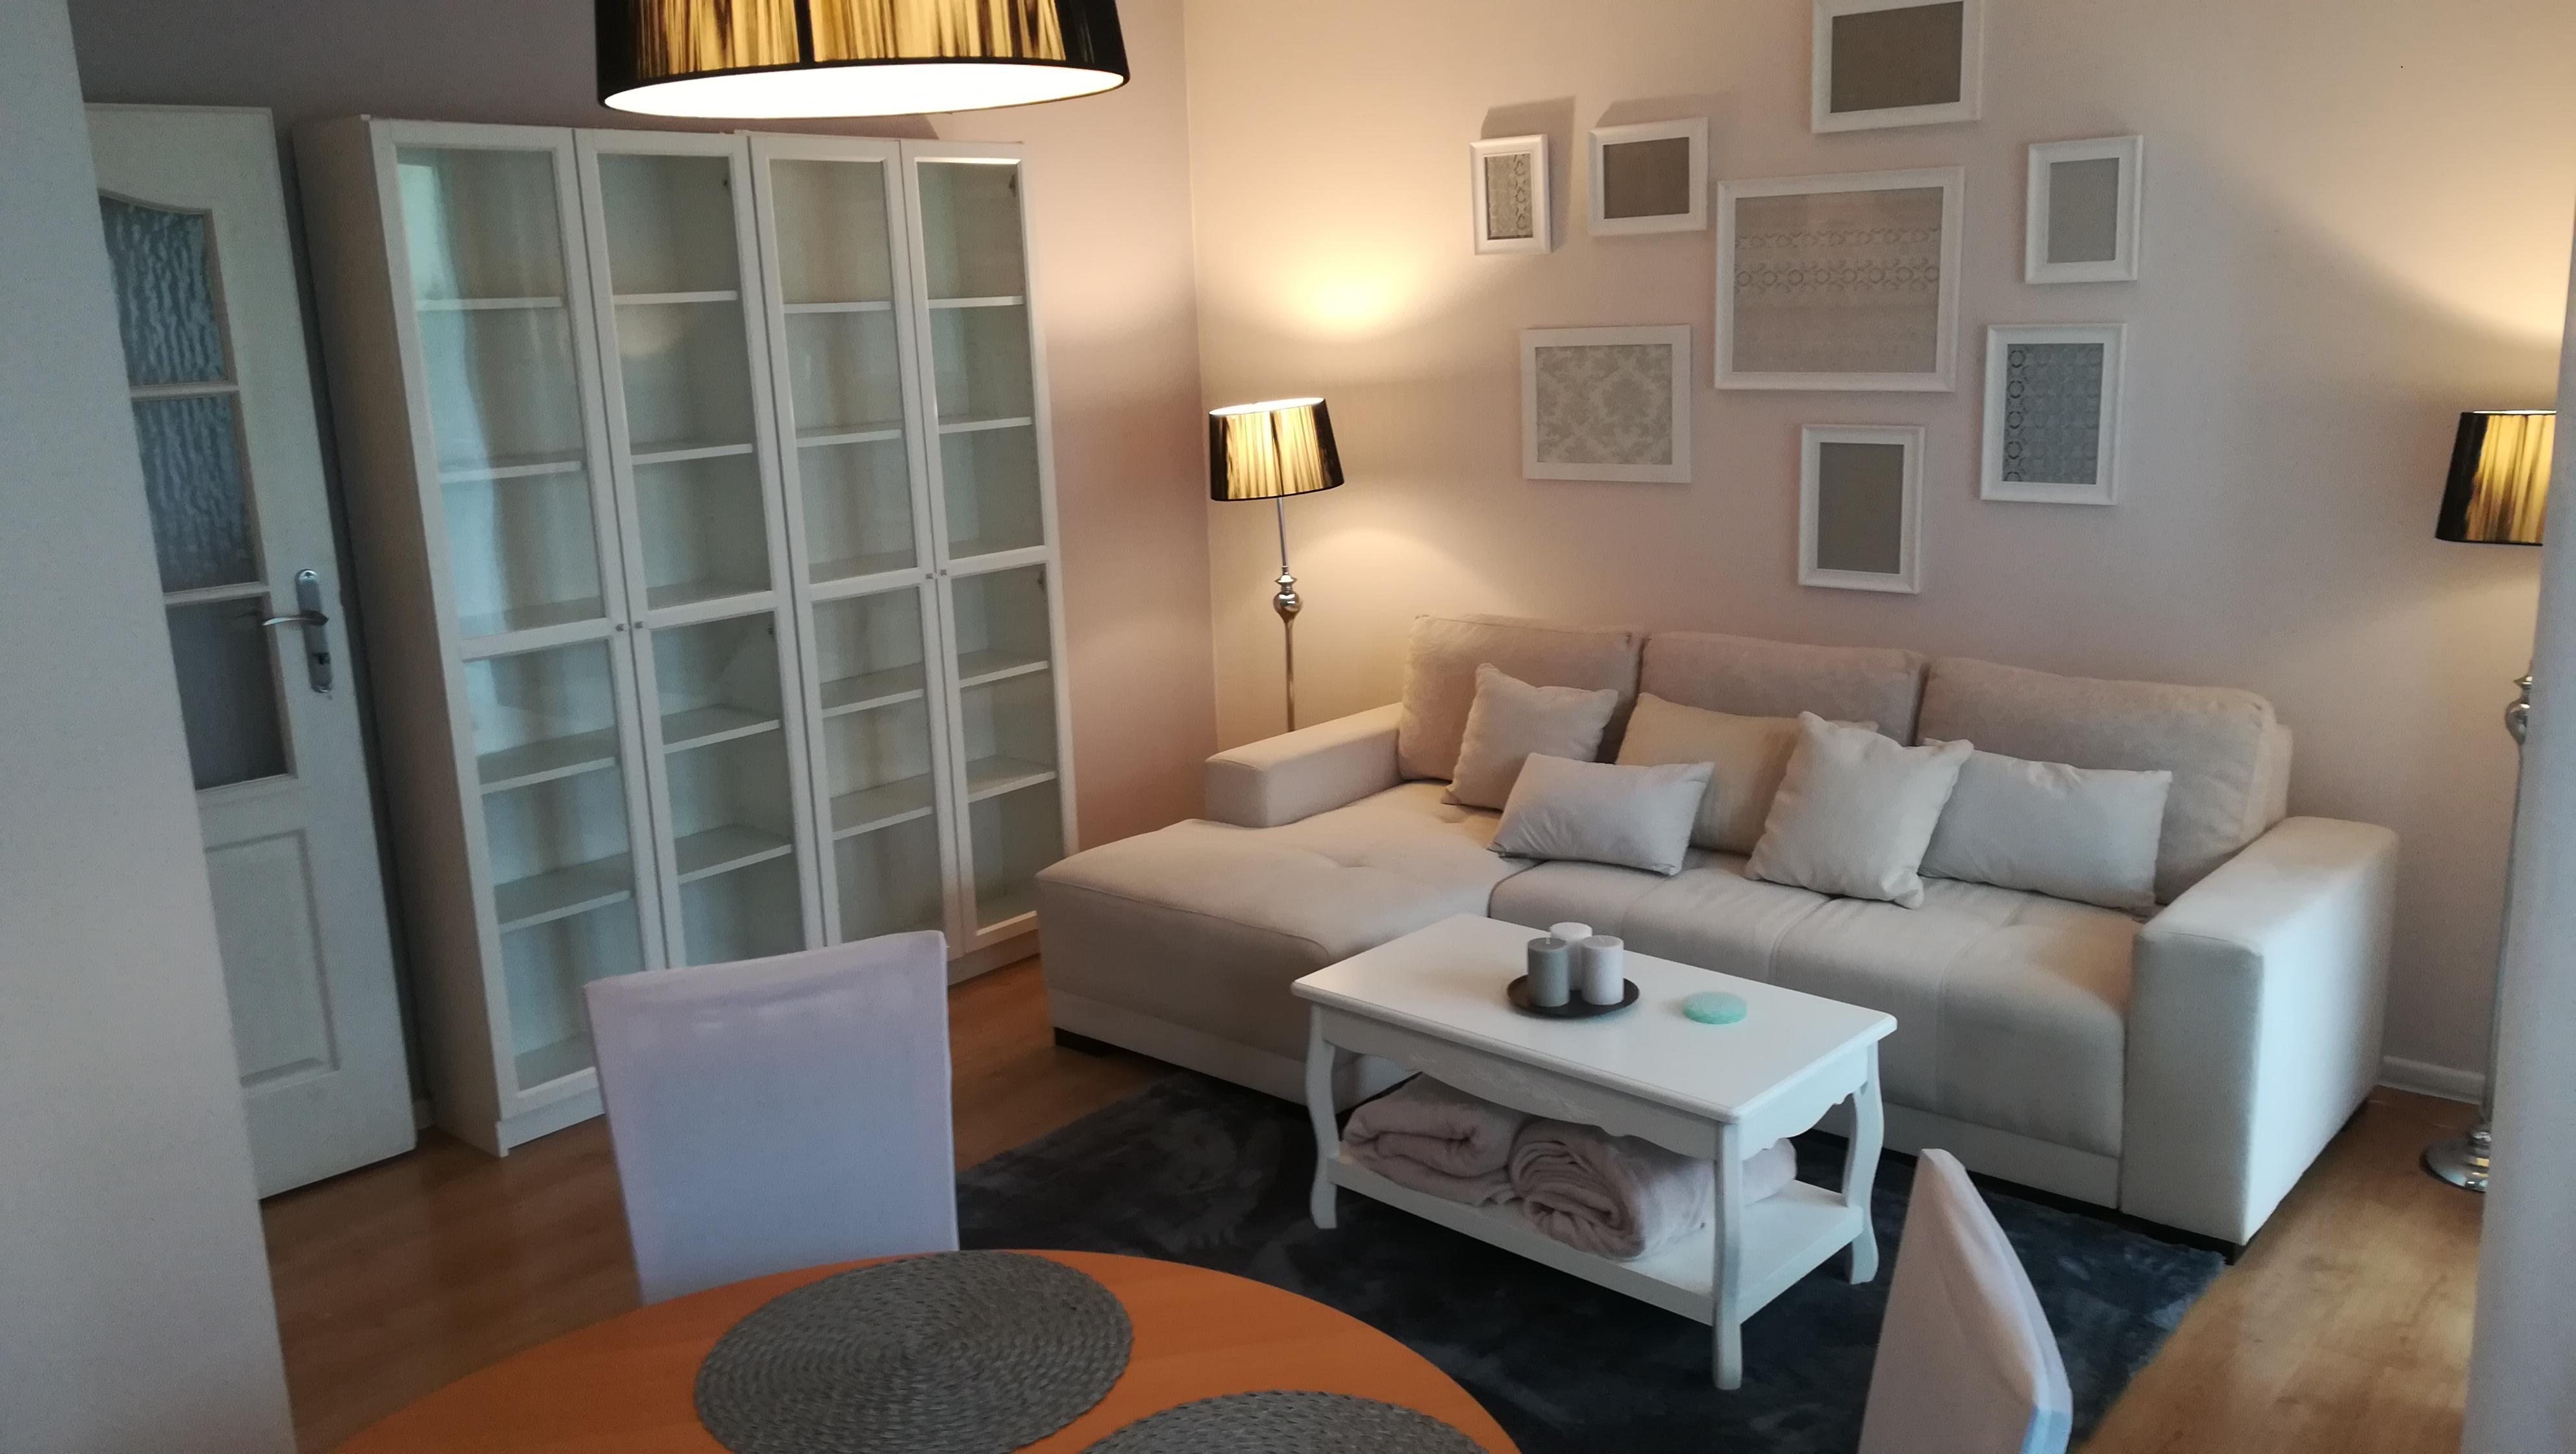 Piękne umeblowane 2 pokojowe mieszkanie z dużym balkonem, ul. Tarnopolska